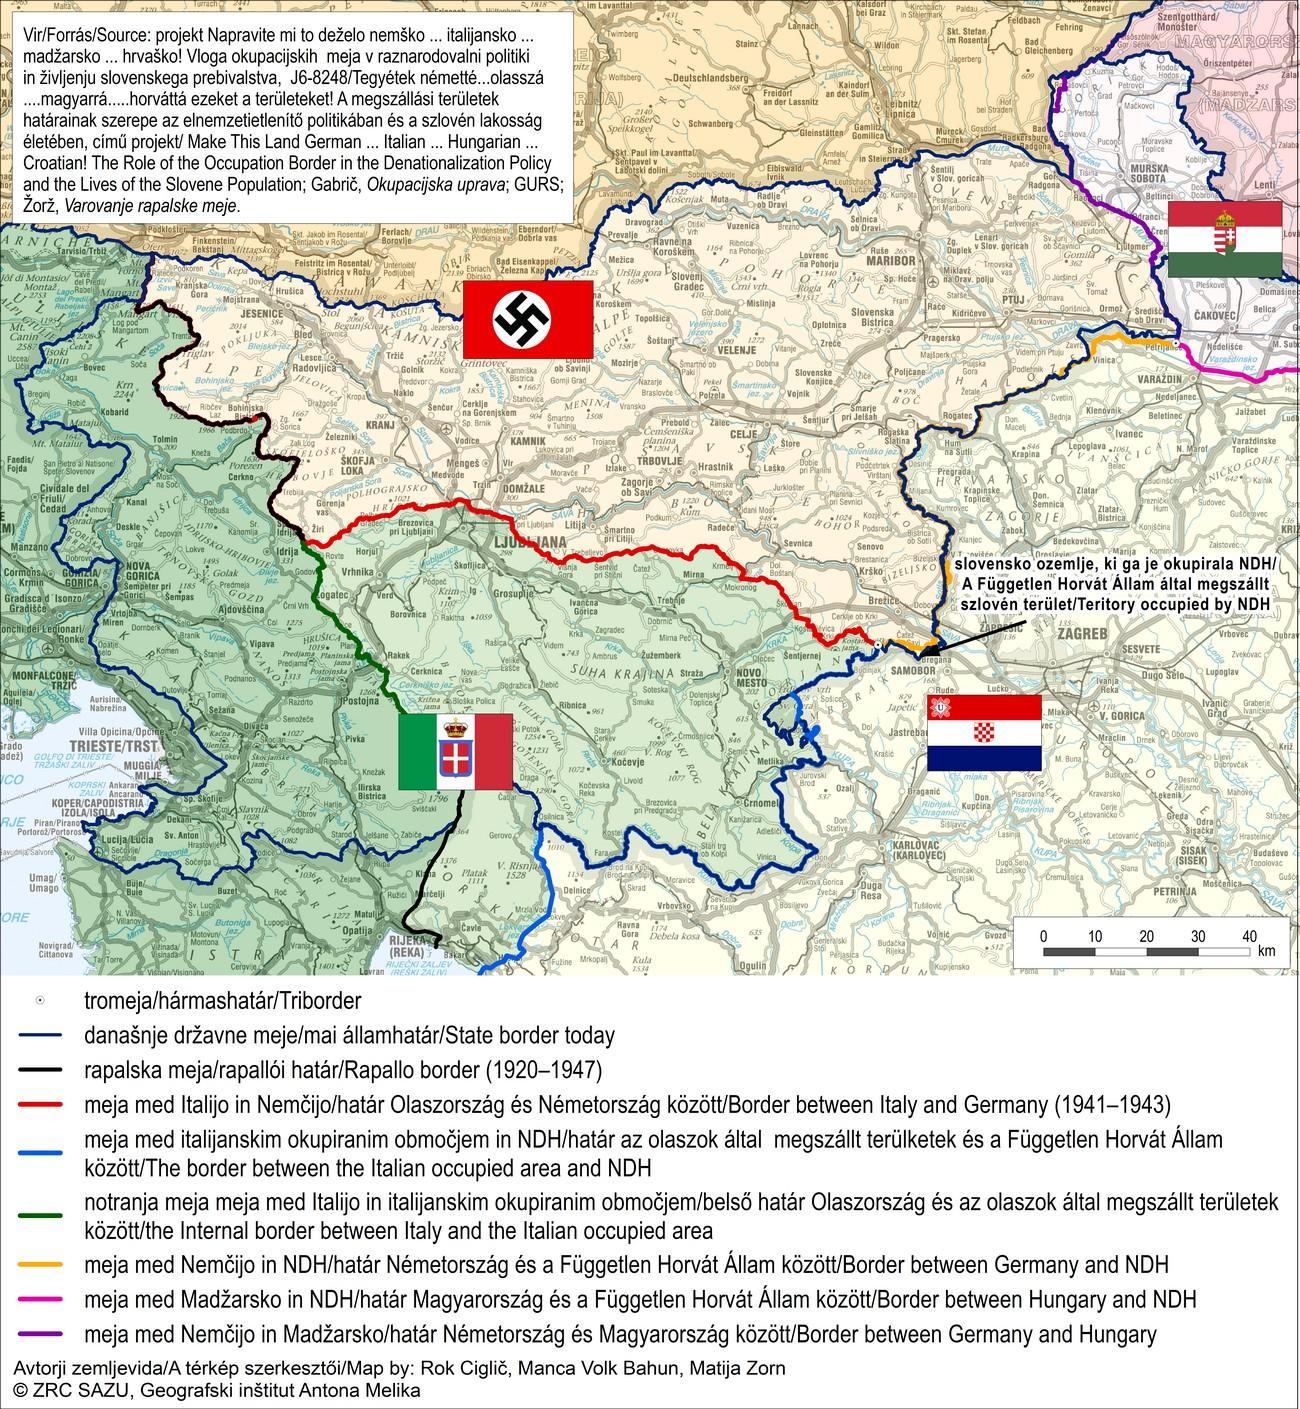 Po okupaciji so si slovensko ozemlje razdelili tako Nemci kot Italijani, Madžari in Hrvati.